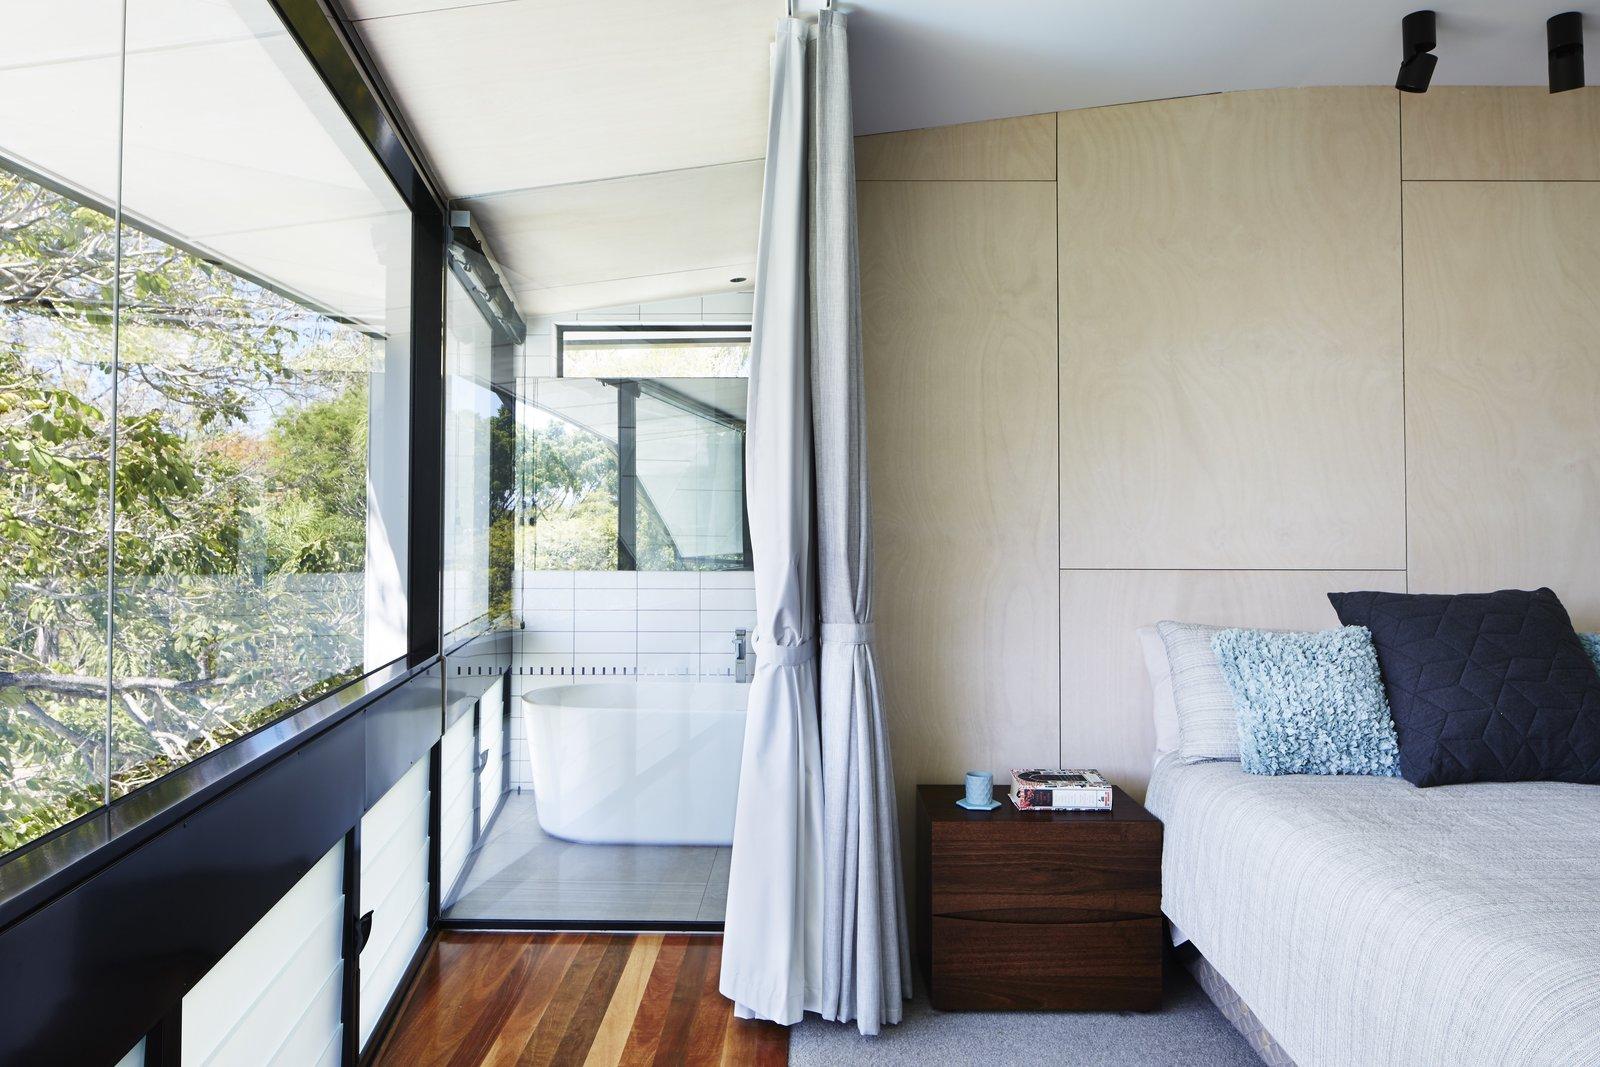 Bedroom, Medium Hardwood Floor, Night Stands, Bed, Ceiling Lighting, and Rug Floor  Photo 5 of 12 in An Edgy Slatted Facade Conceals a Striking Indoor/Outdoor Home in Brisbane